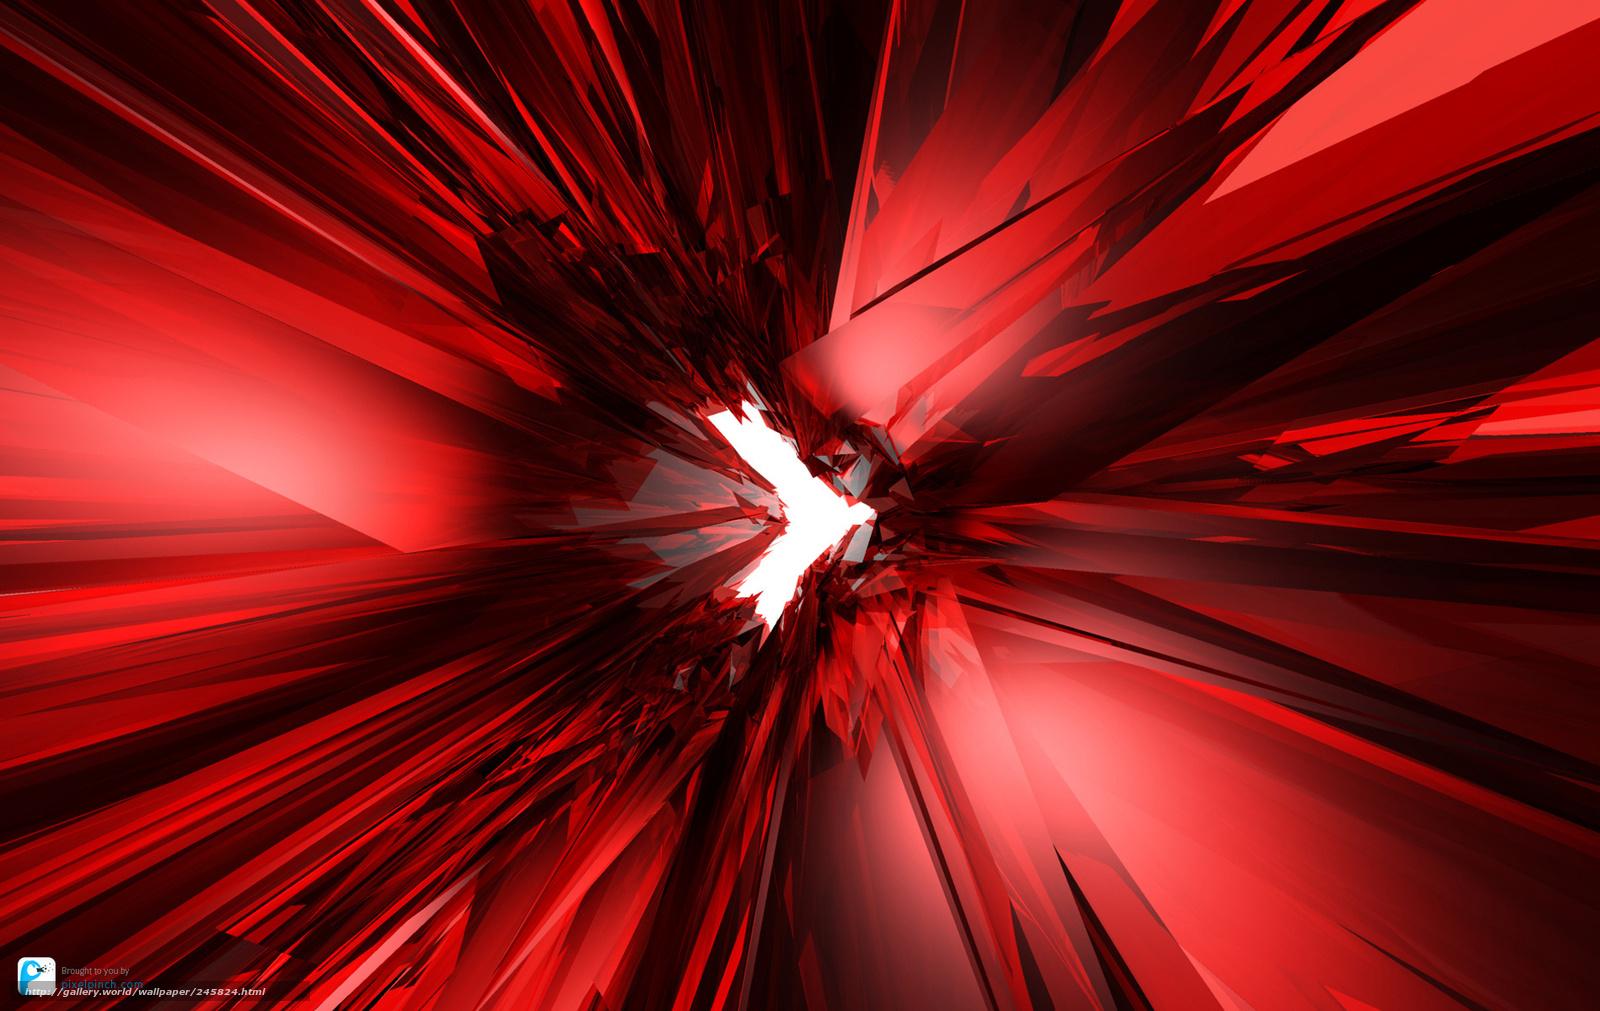 下载壁纸 颜色, 红色, 晶体, 速度 免费为您的桌面分辨率的壁纸 1900